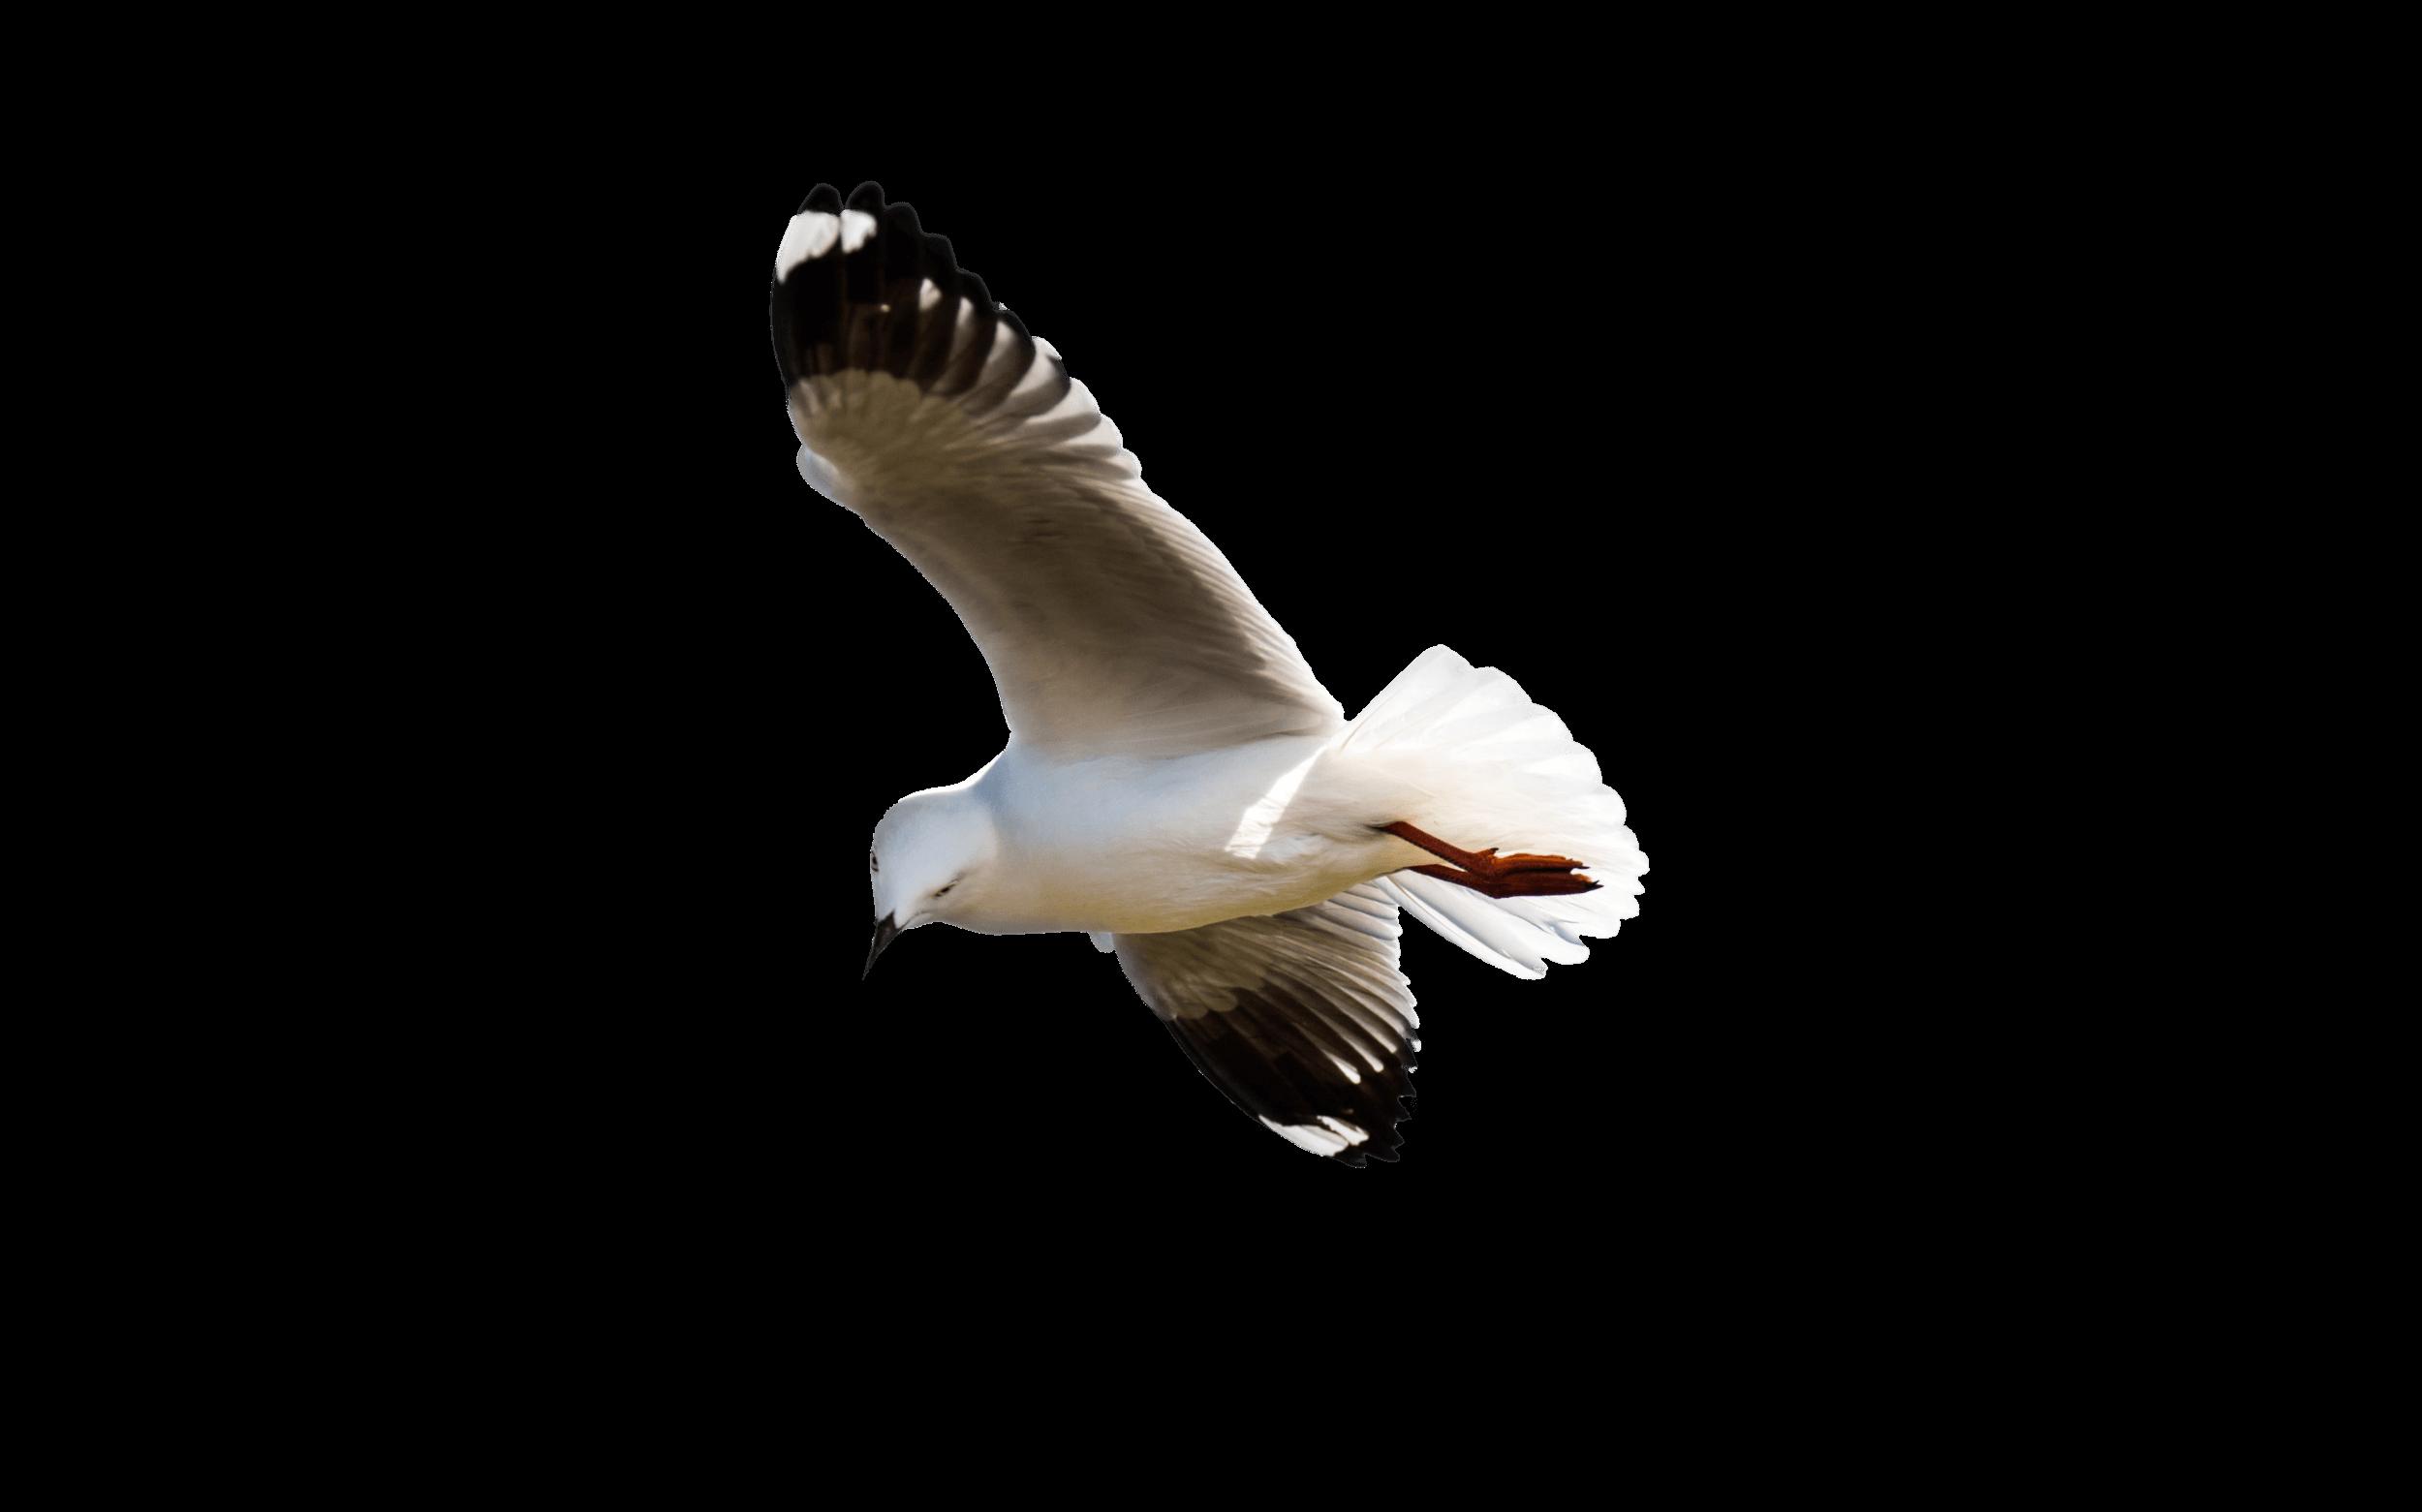 Gull in Newfoundland, Canada